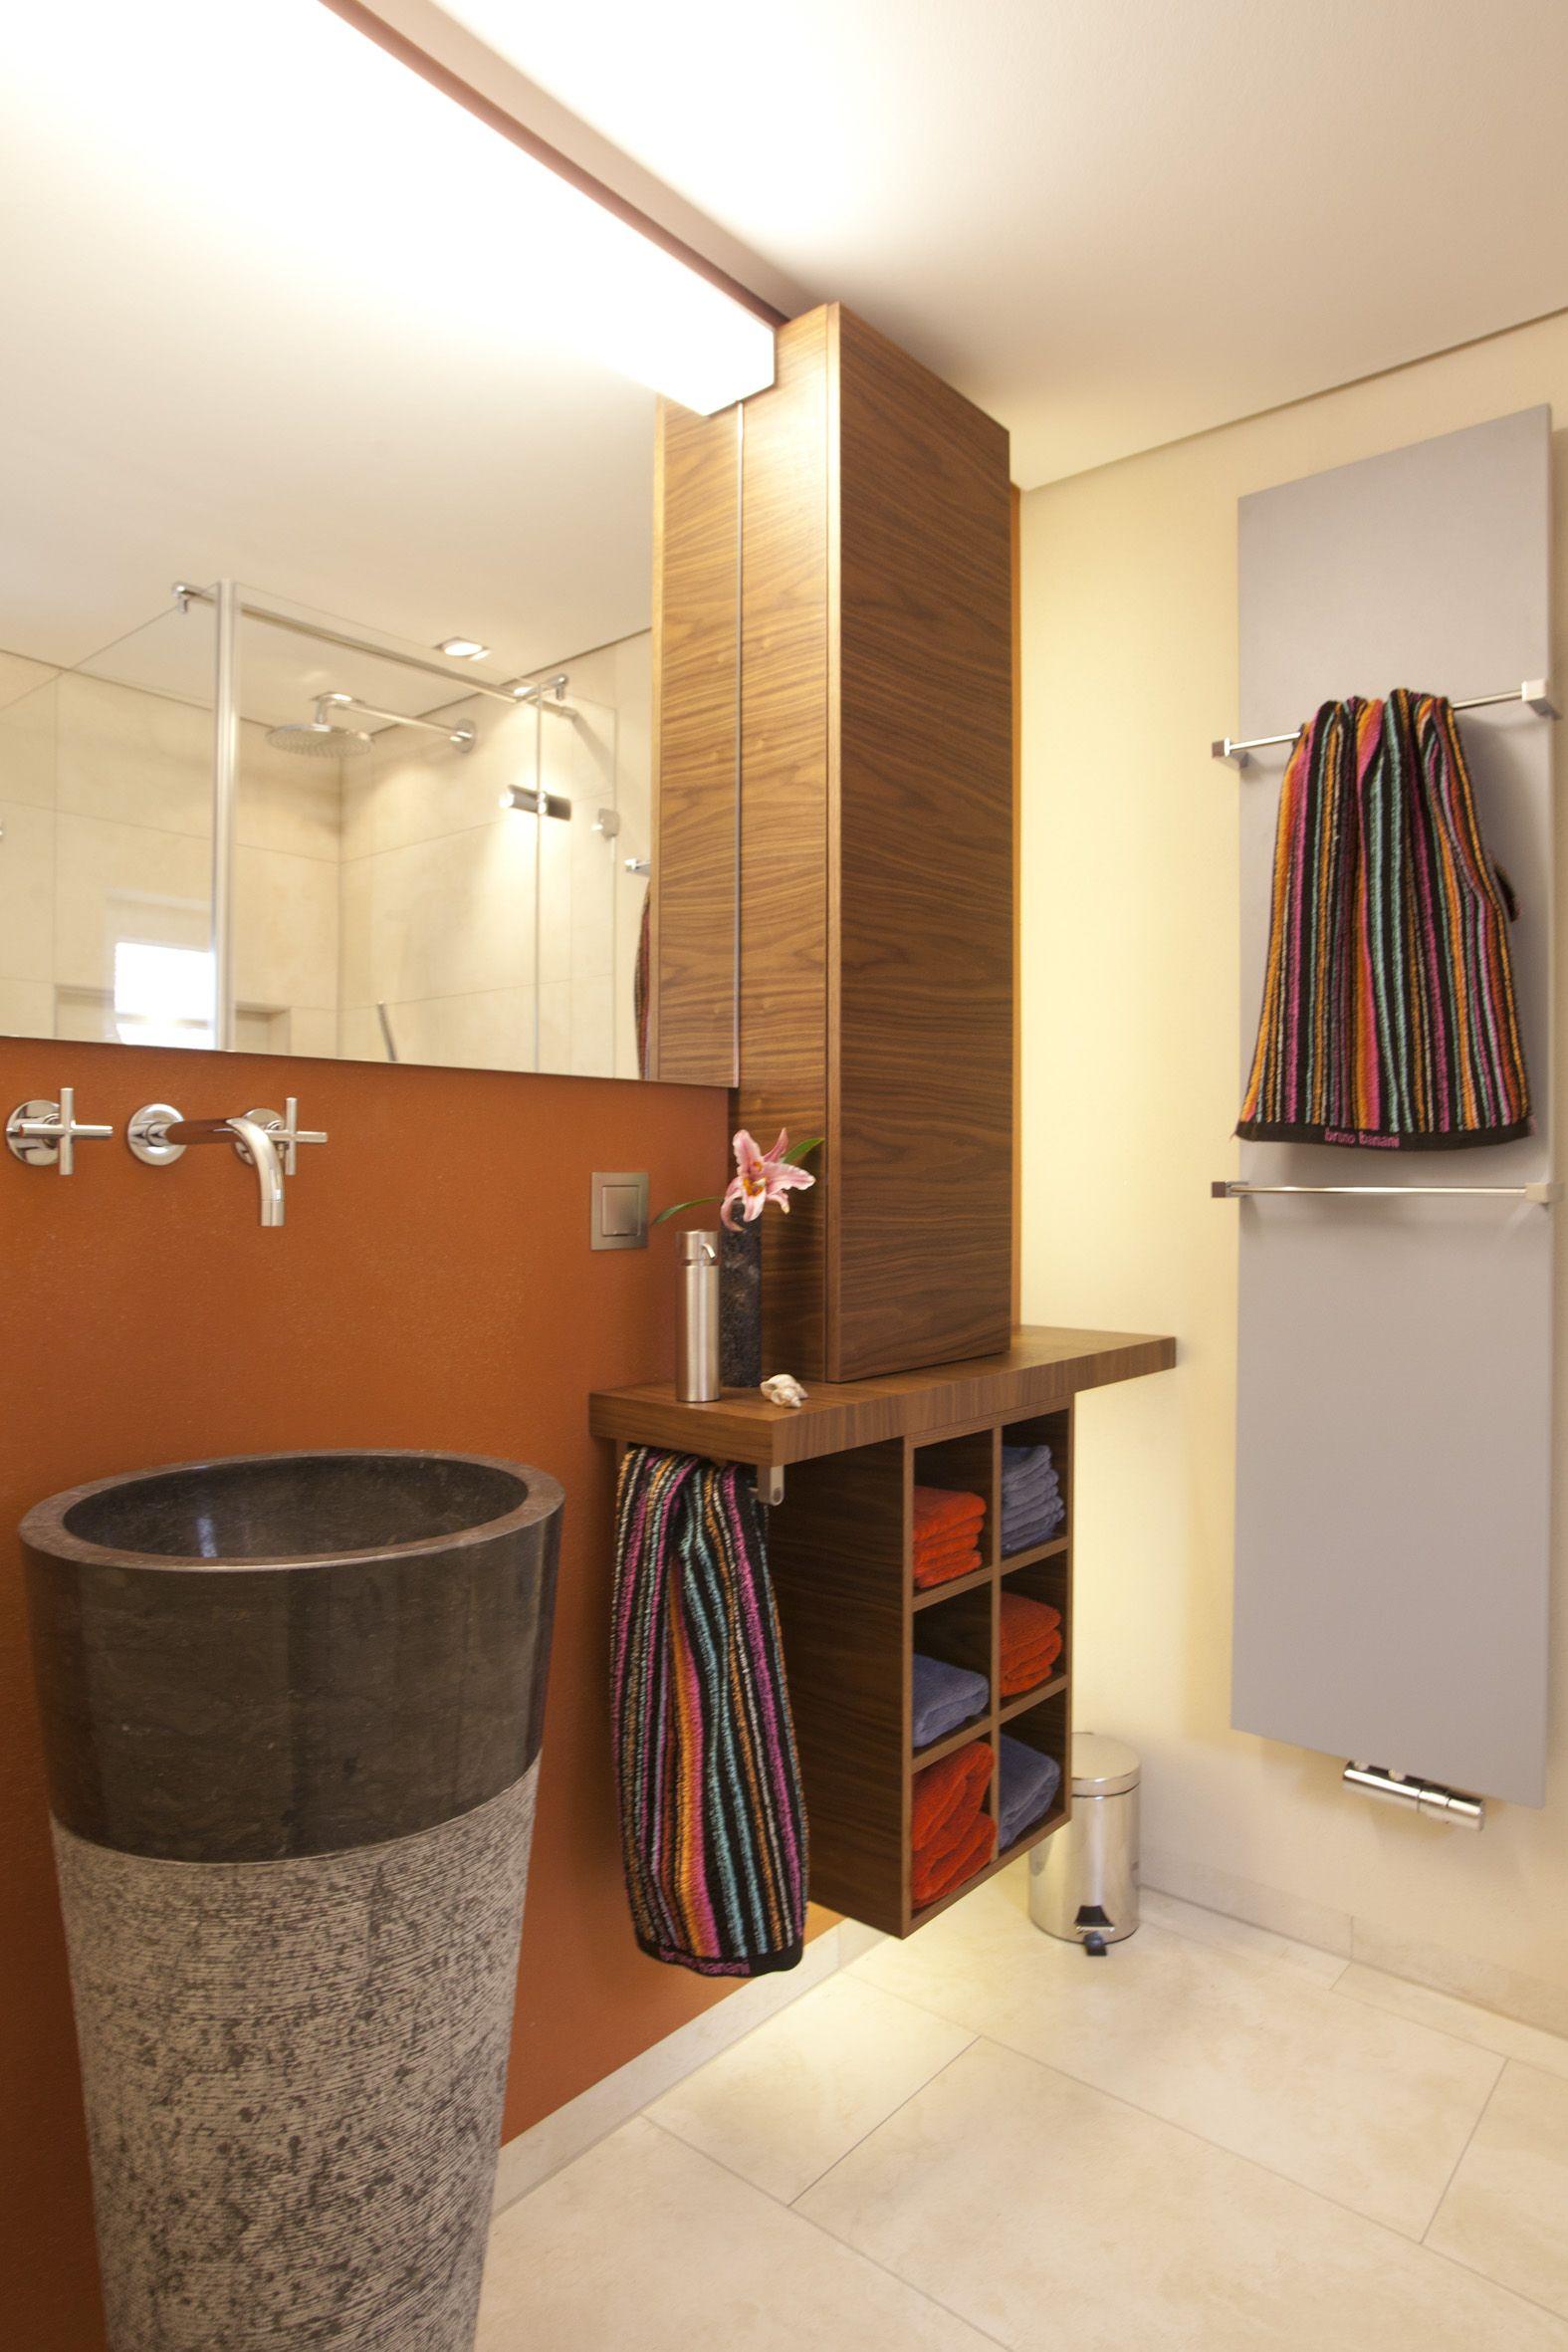 Welche Materialien Bevorzugen Sie In Der Badgestaltung Und Aus Welchen  Gründen?